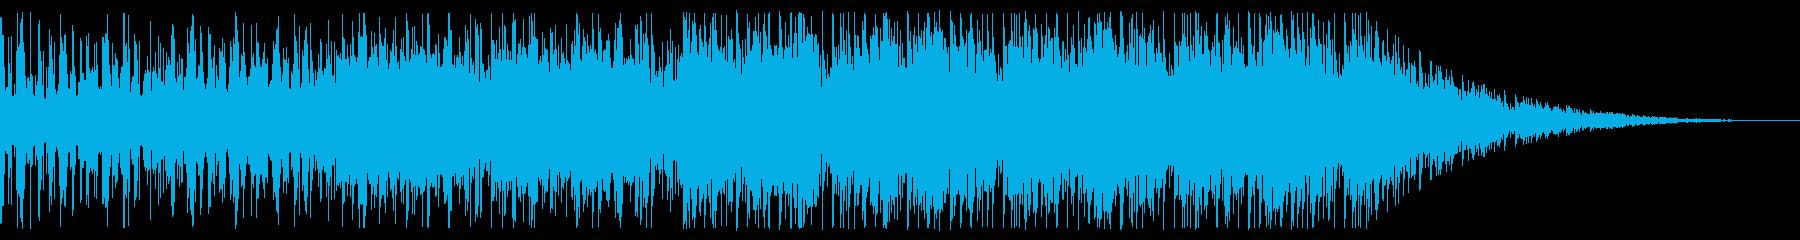 開放的/宇宙/エレクトロ_No602_3の再生済みの波形